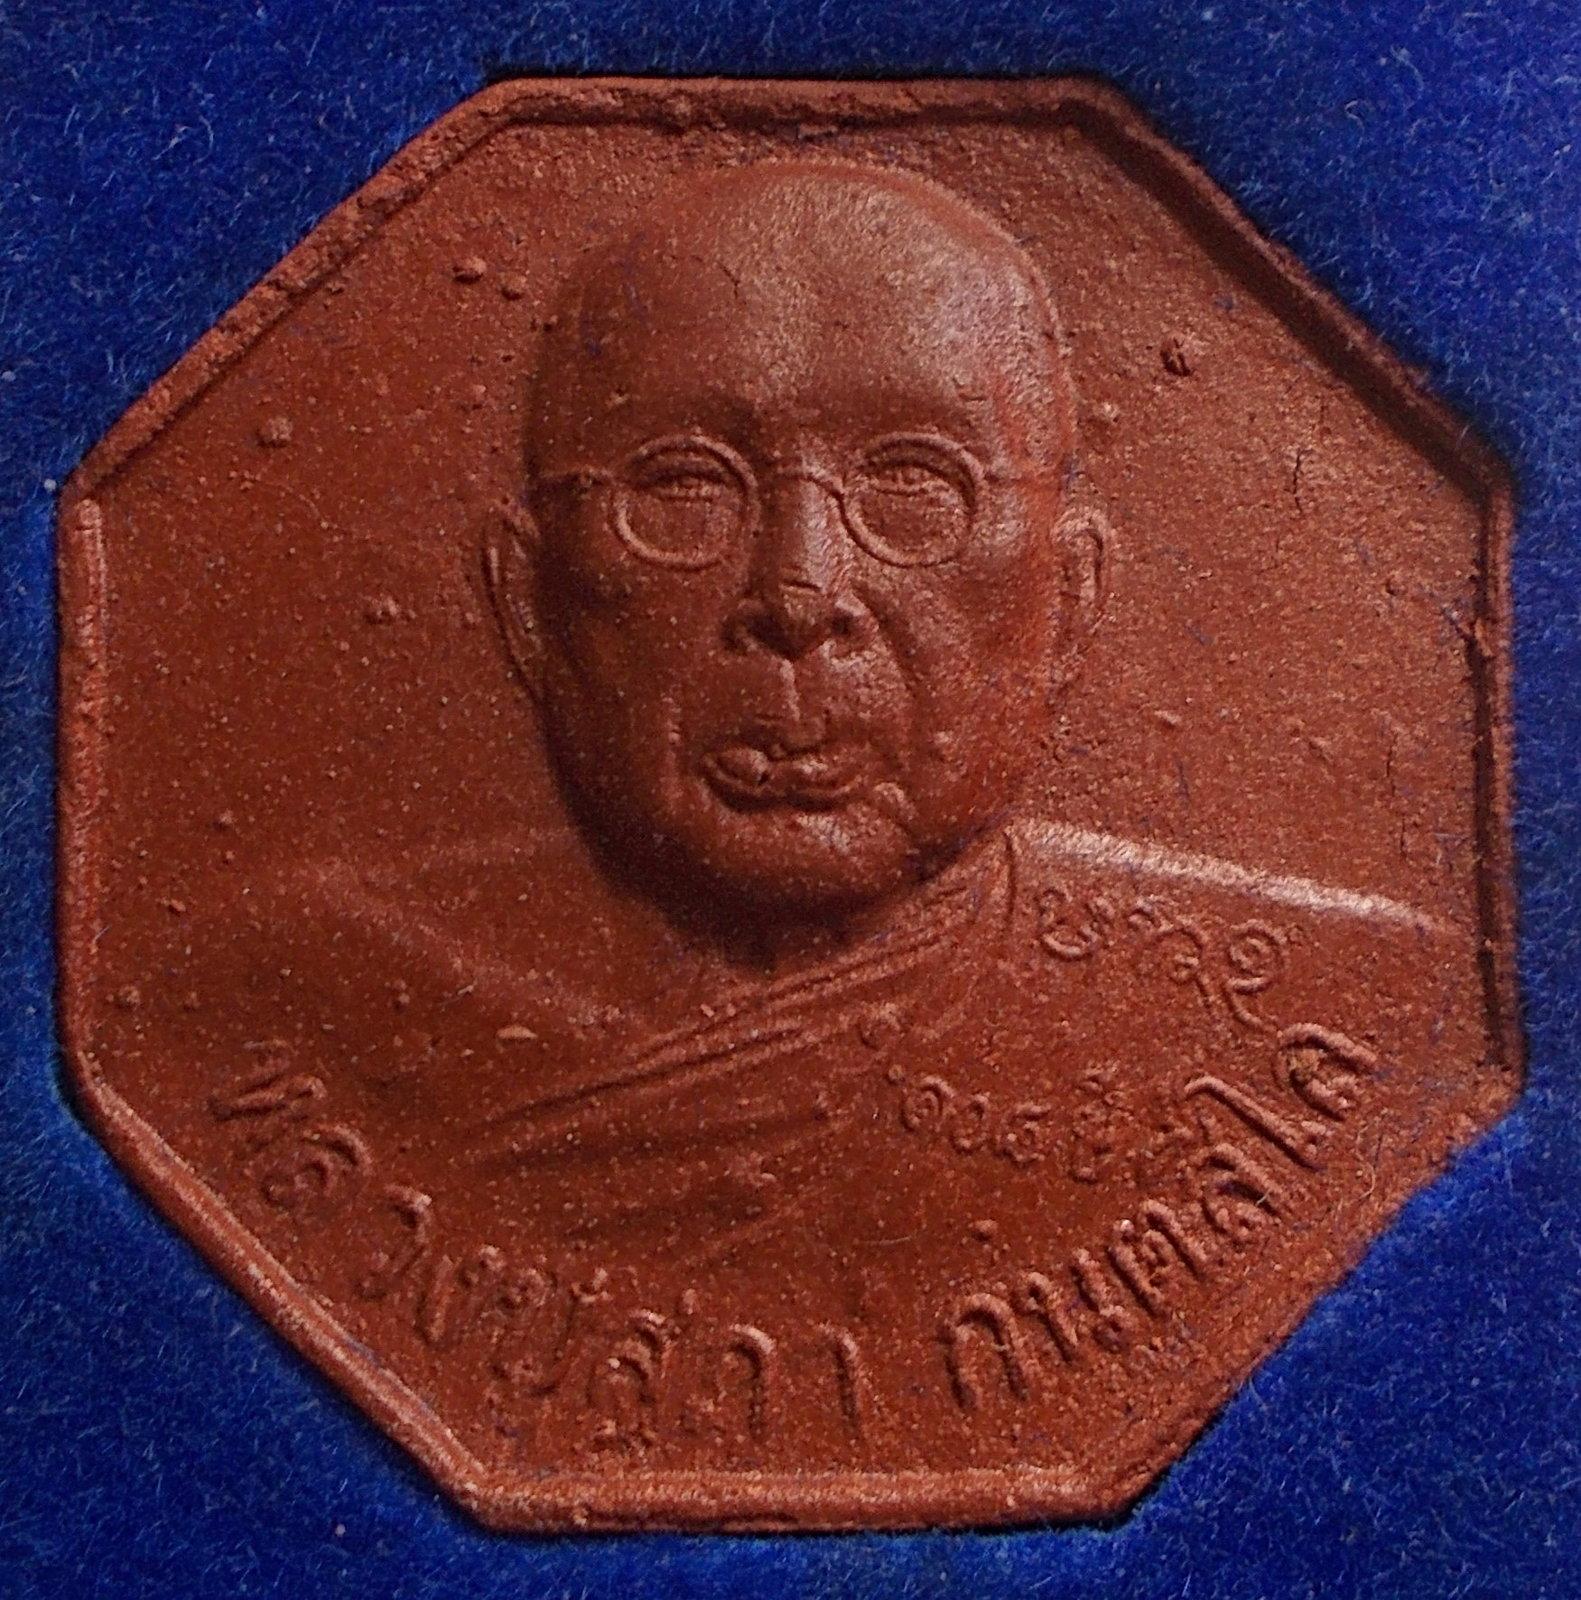 DSCN9059.JPG